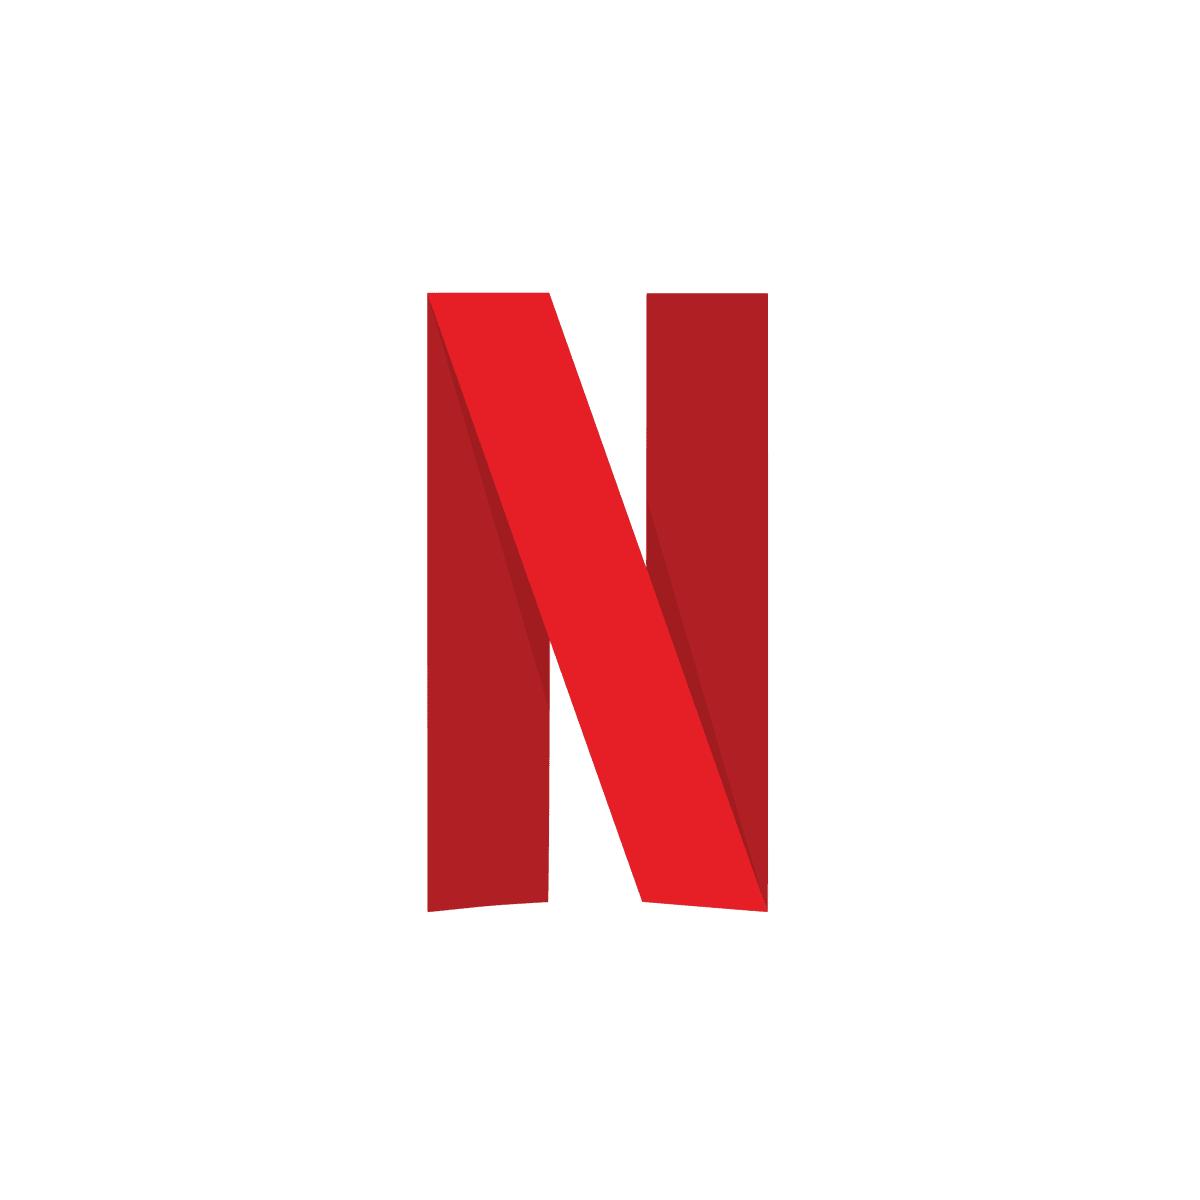 FAANG NETFLIX